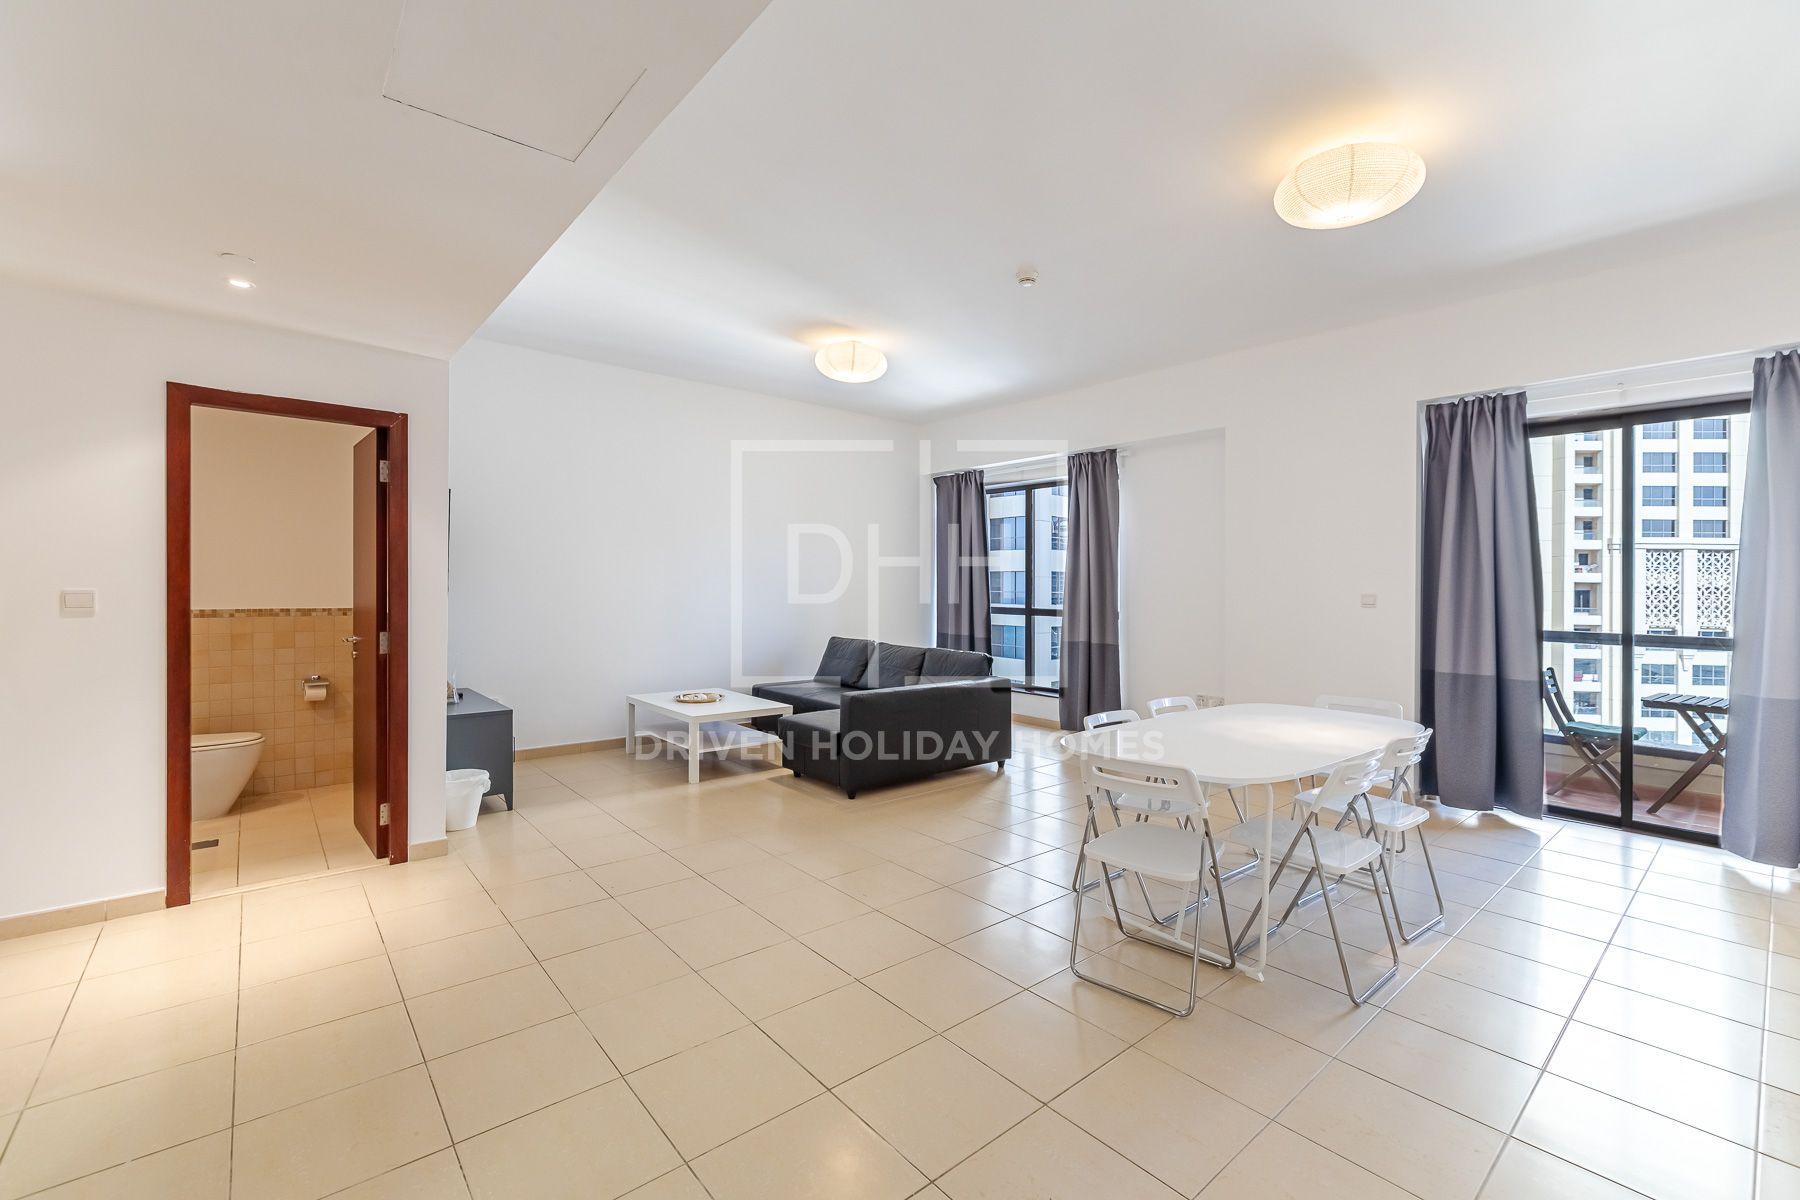 1,391 قدم مربع  شقة - للايجار - مساكن شاطئ الجميرا